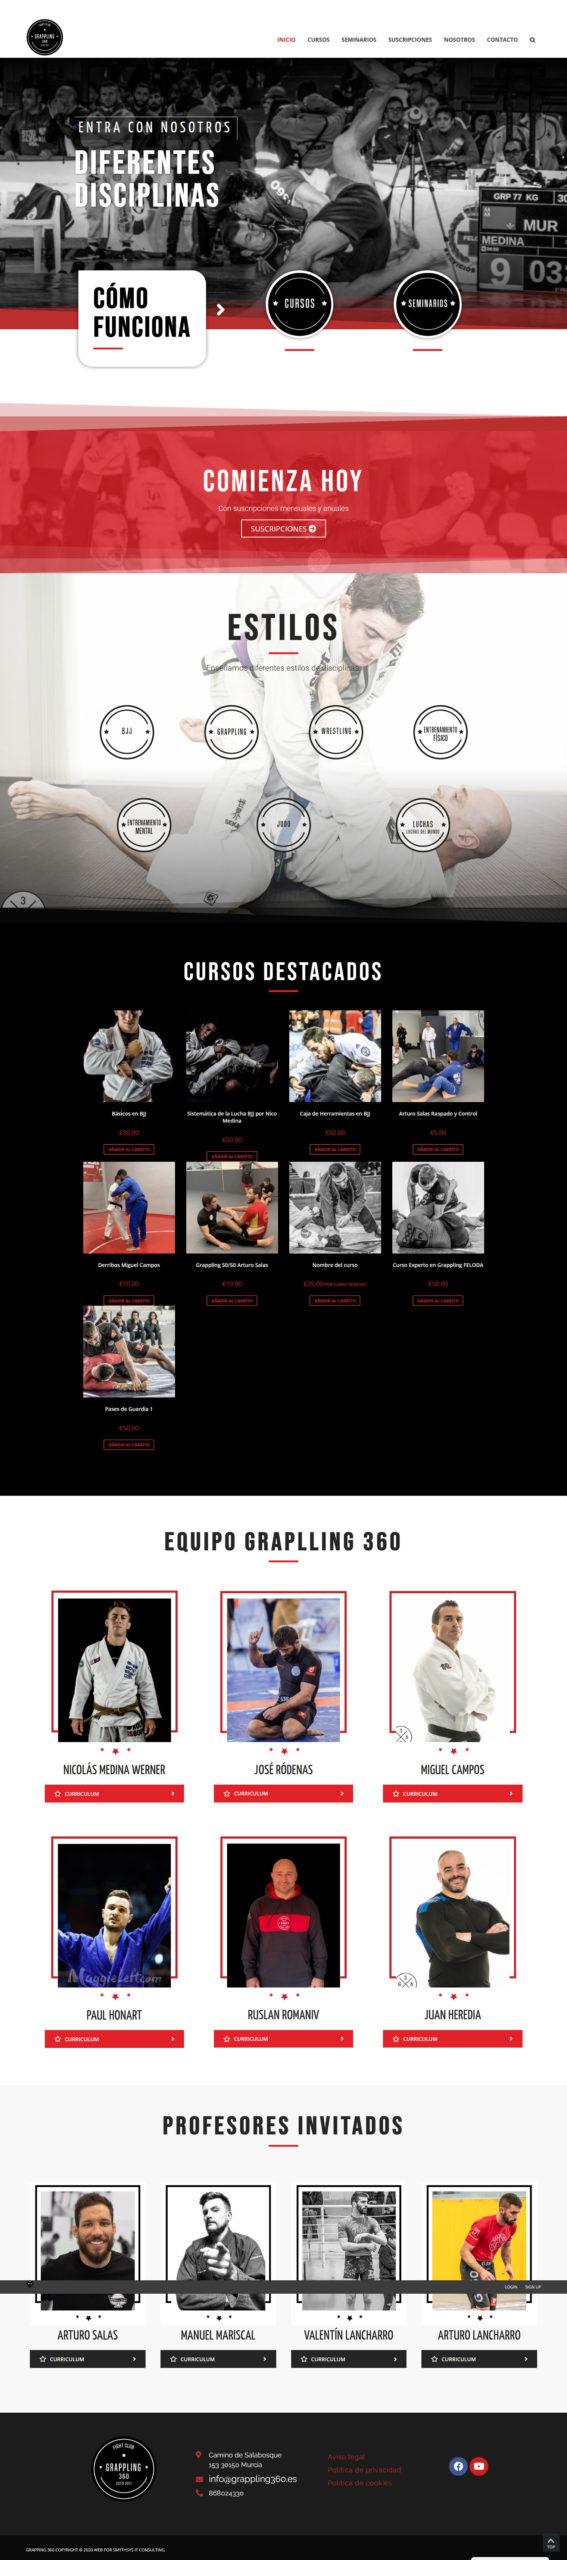 Grappling360